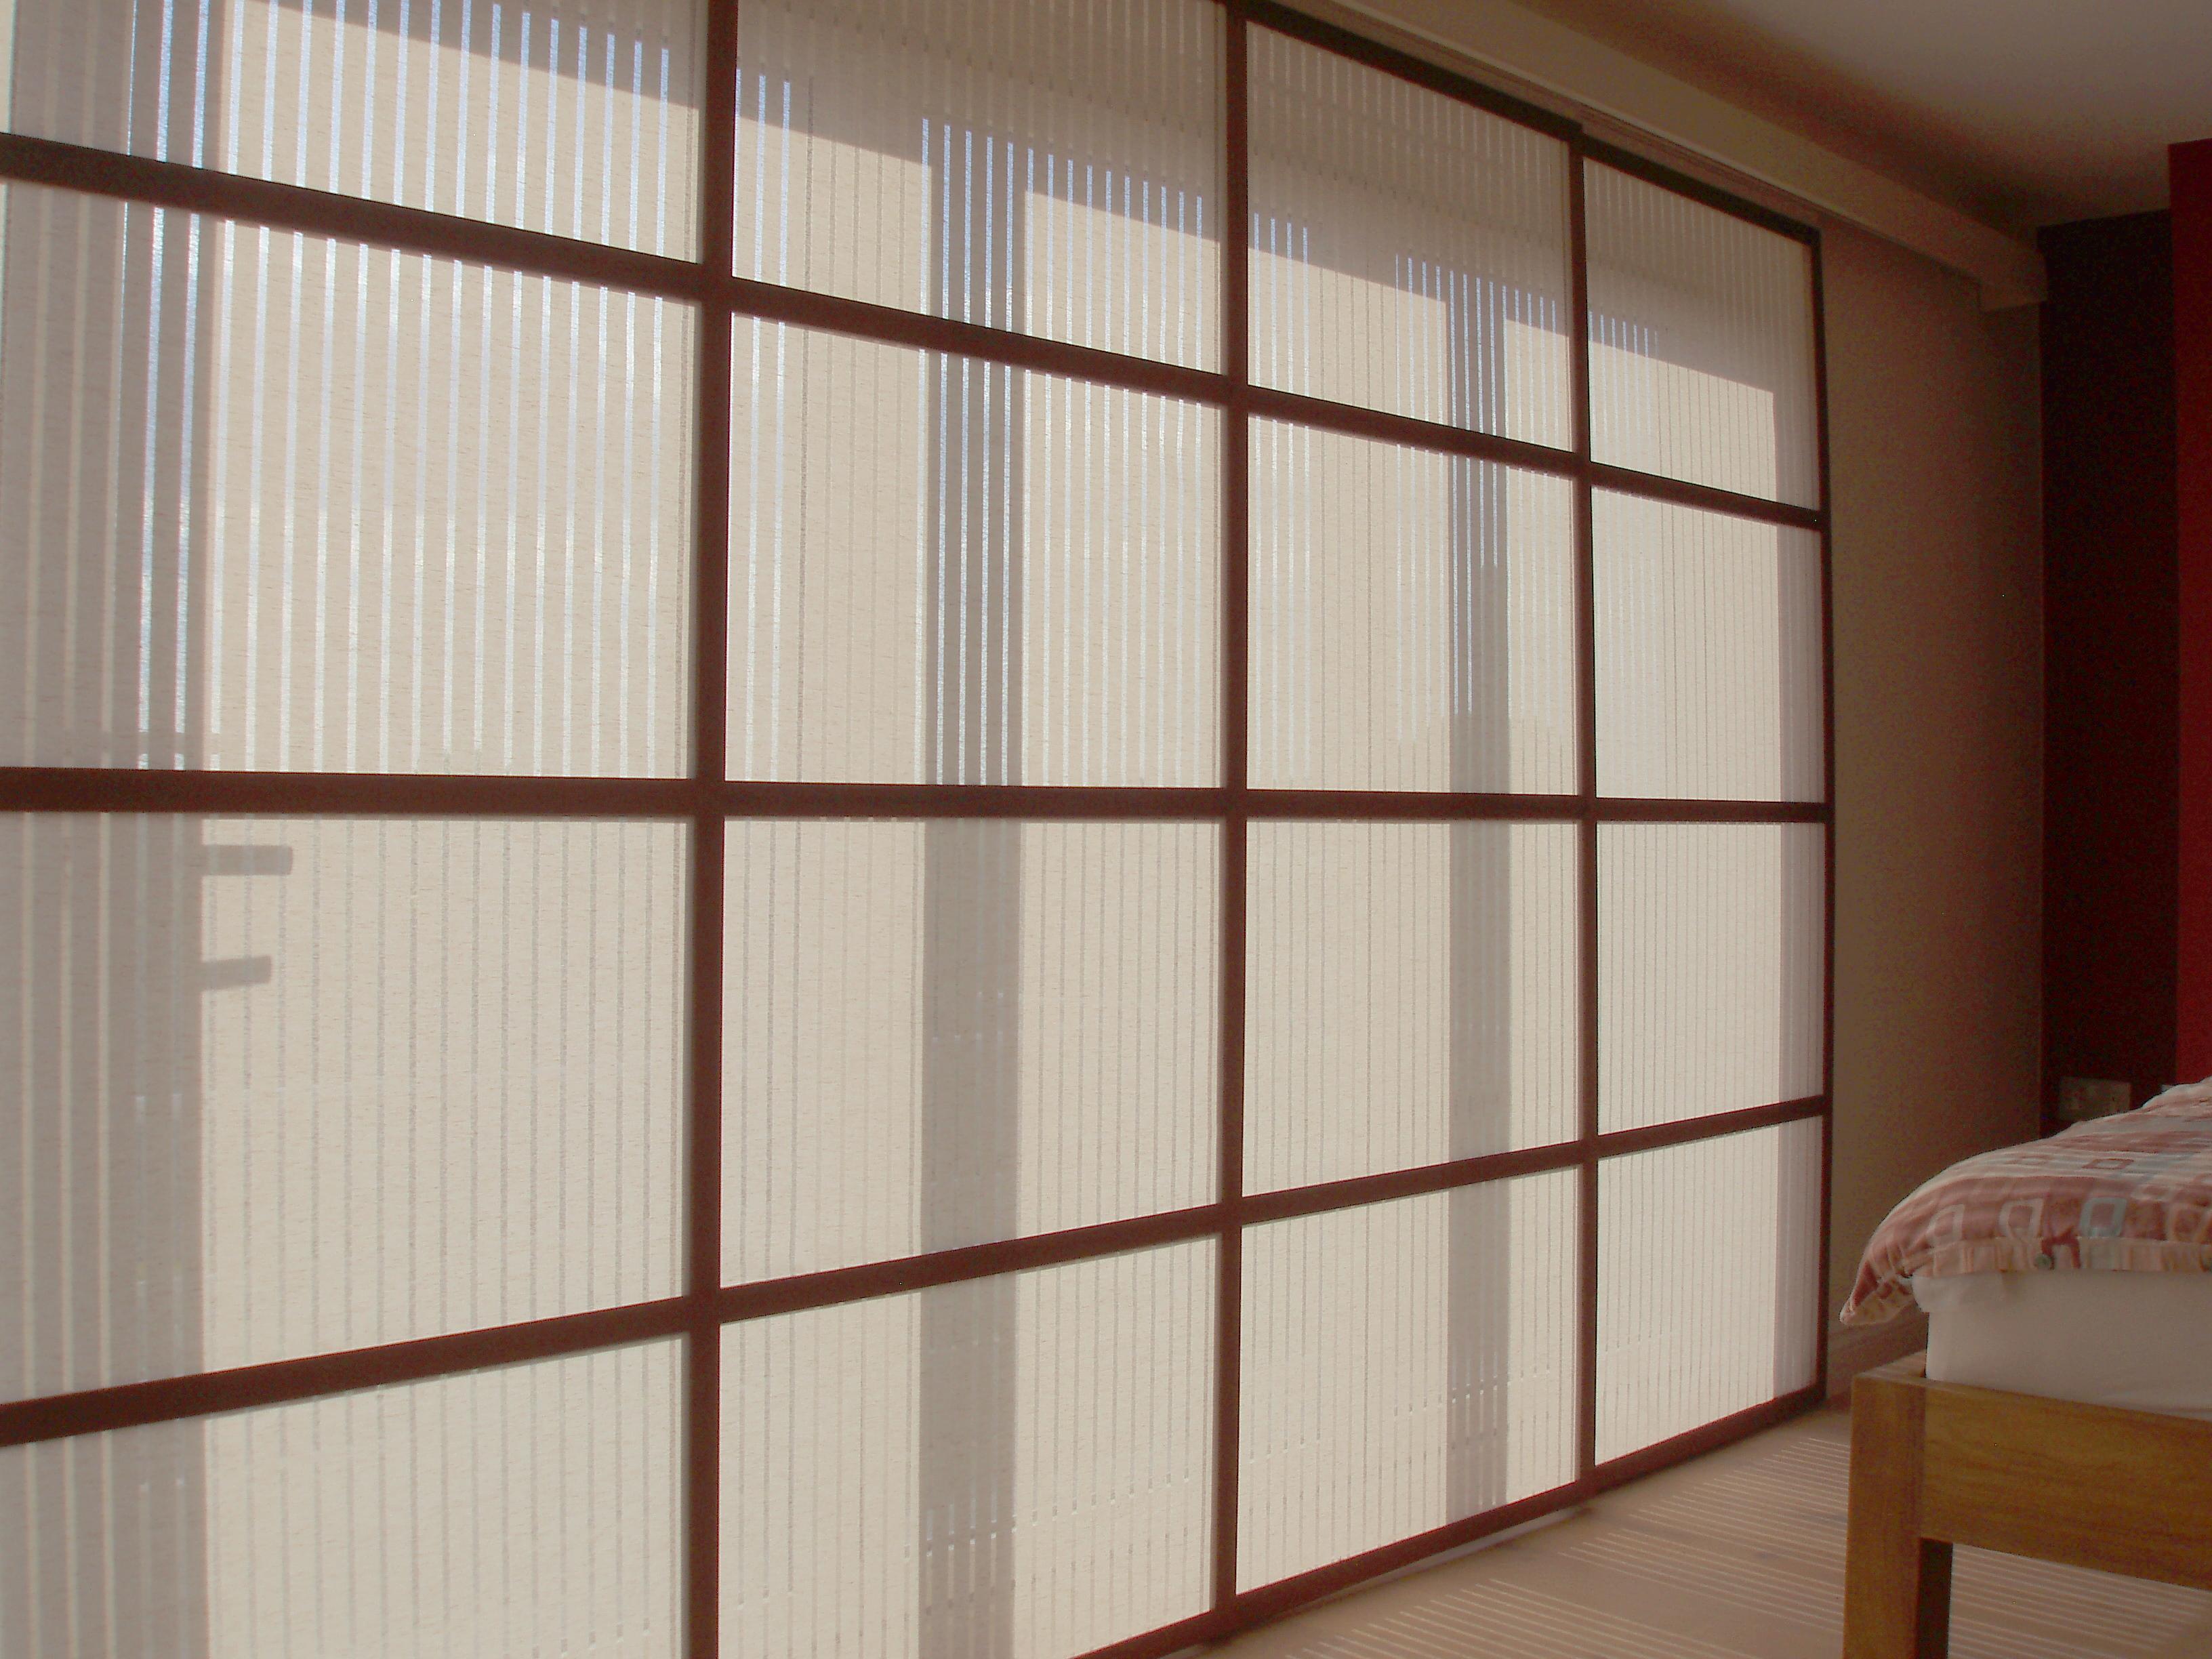 Comprar ofertas platos de ducha muebles sofas spain for Muebles terraza ikea